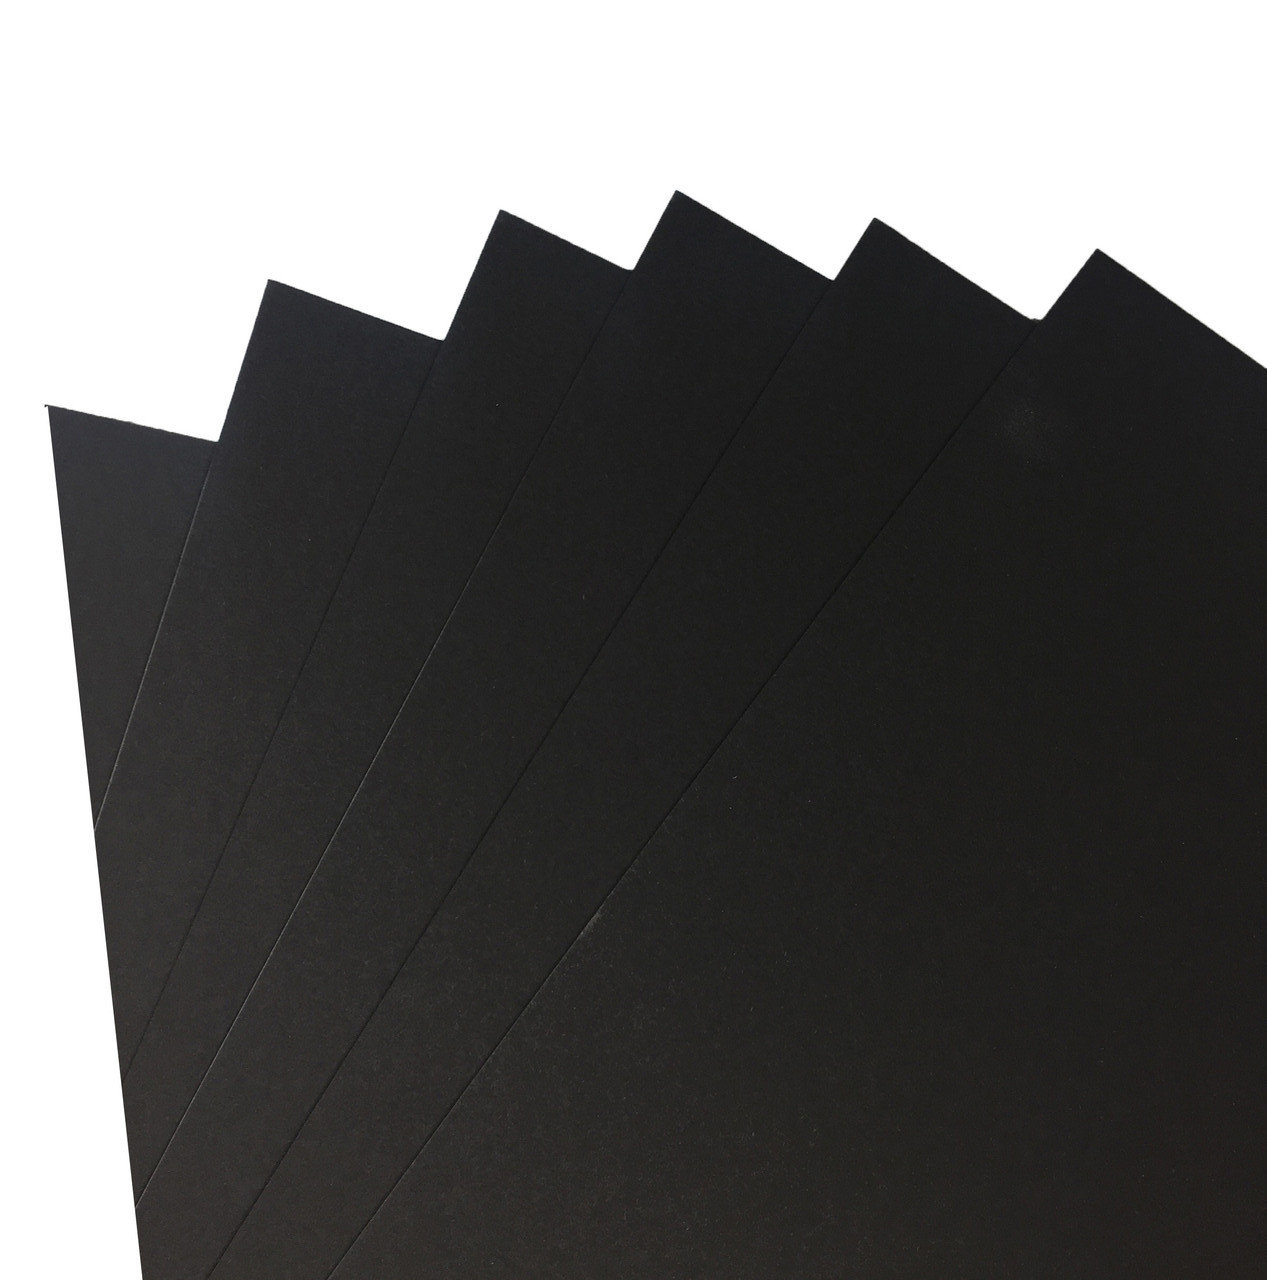 Купить Картон Popset 70х100 см 400 г лист, Map paper, Швеция